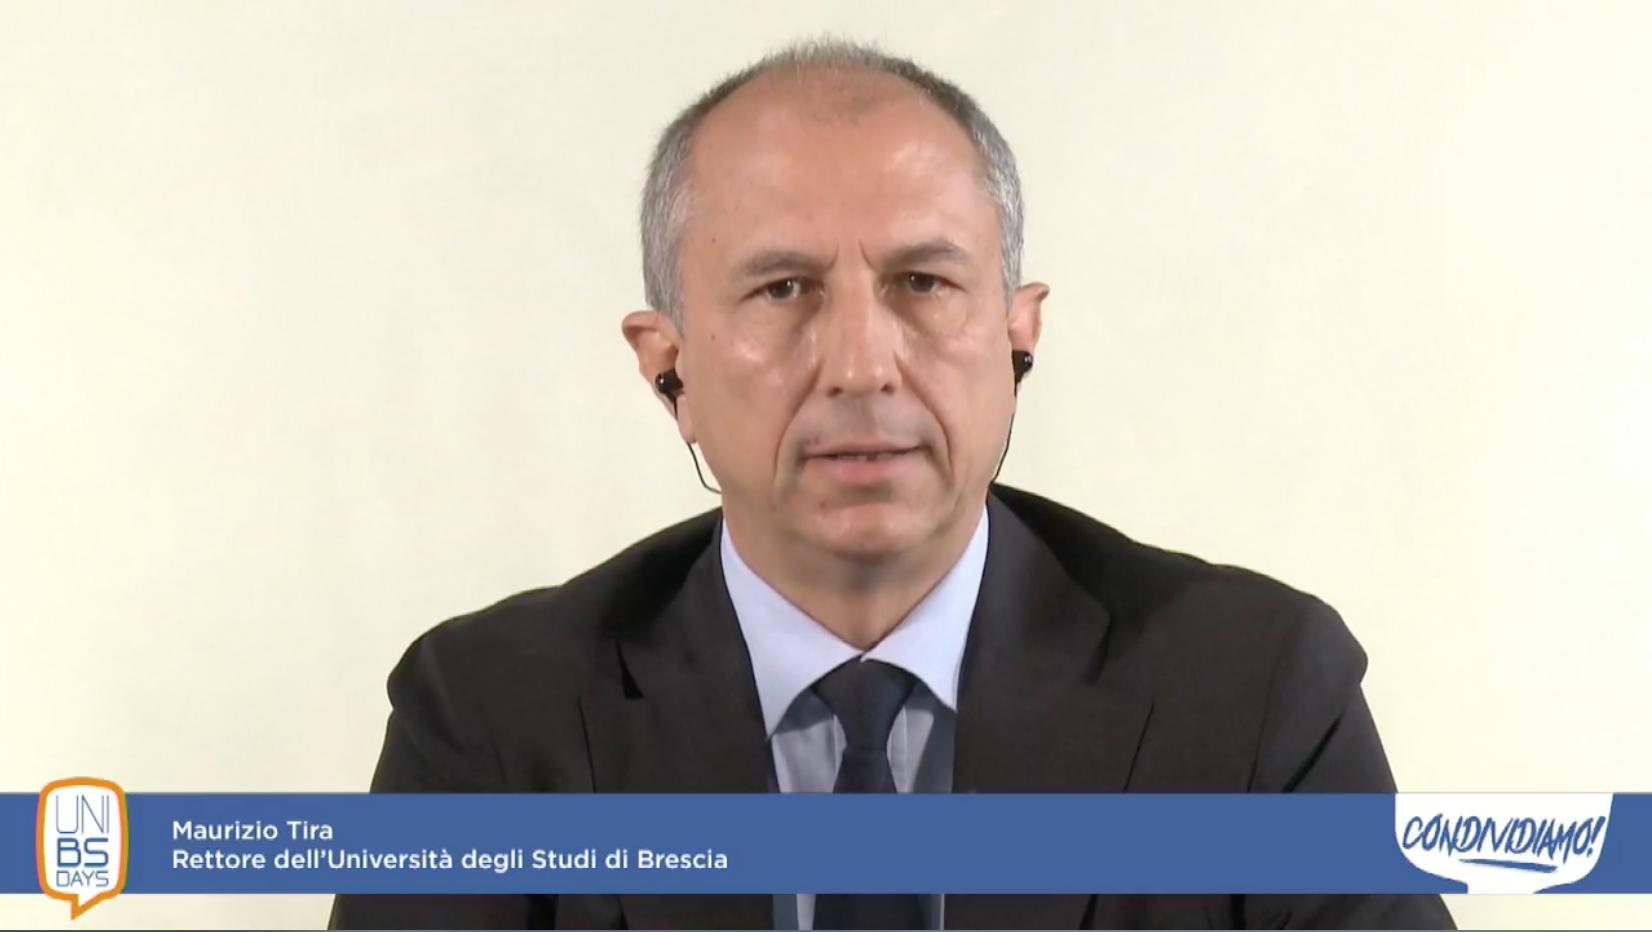 Maurizio Tira, rettore dell'Università degli Studi di Brescia